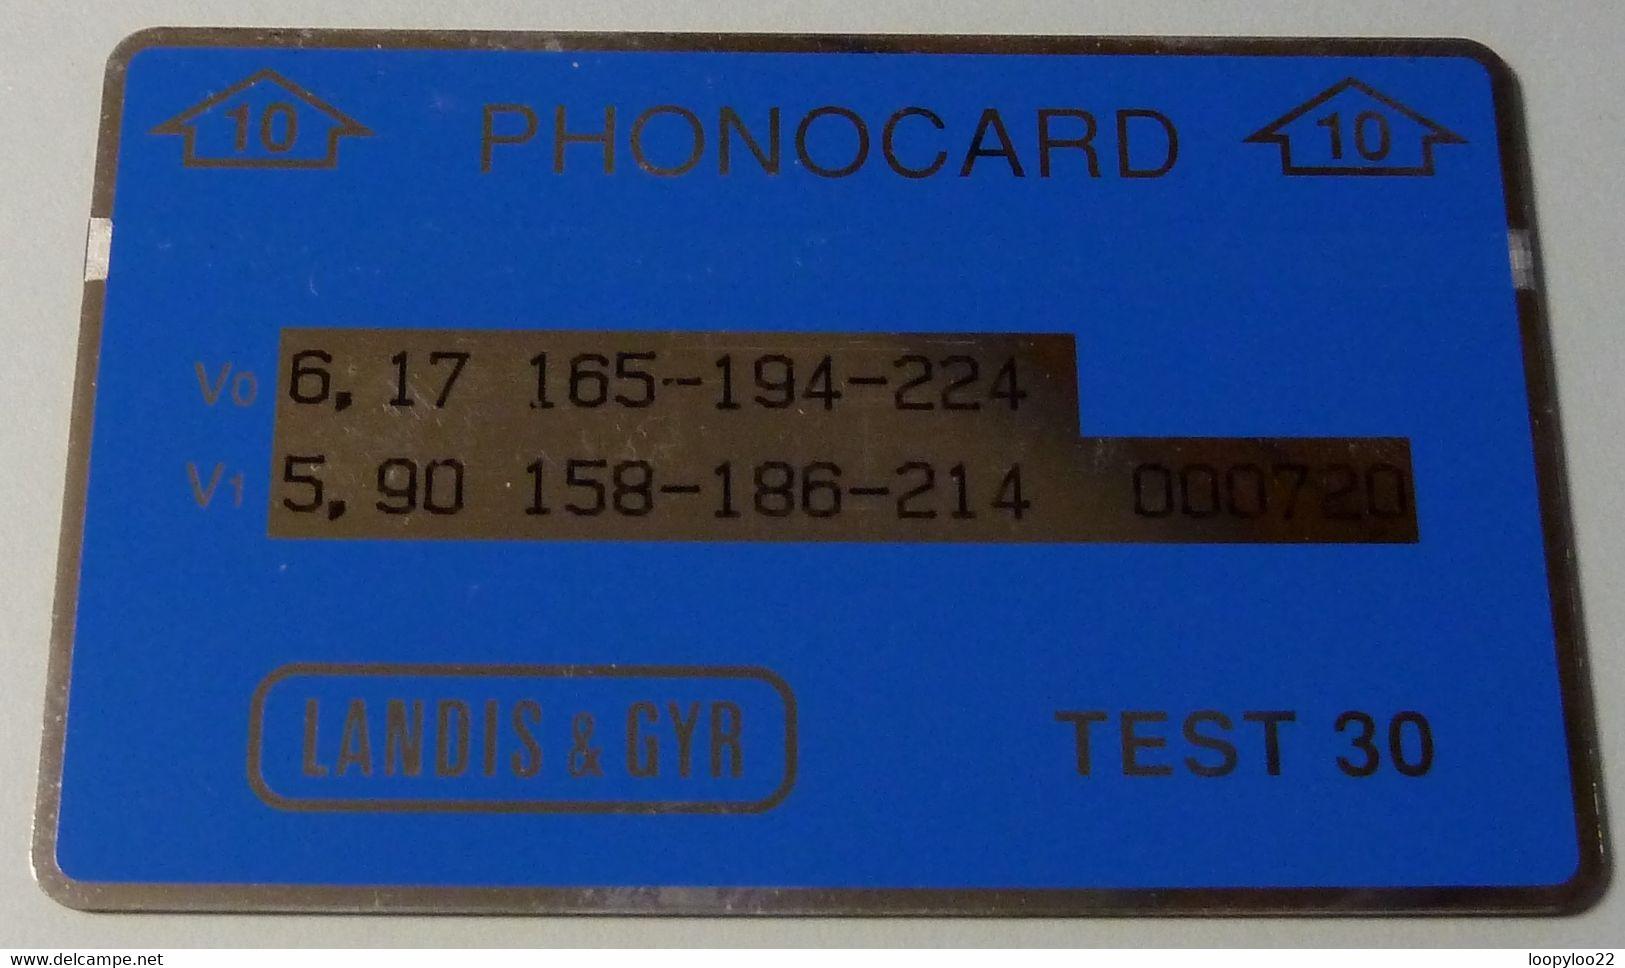 MALAYSIA - L&G - Landis & Gyr - TEST - Printed Oct 92 - Blue - 10 Struc - 100ex - R - Malaysia